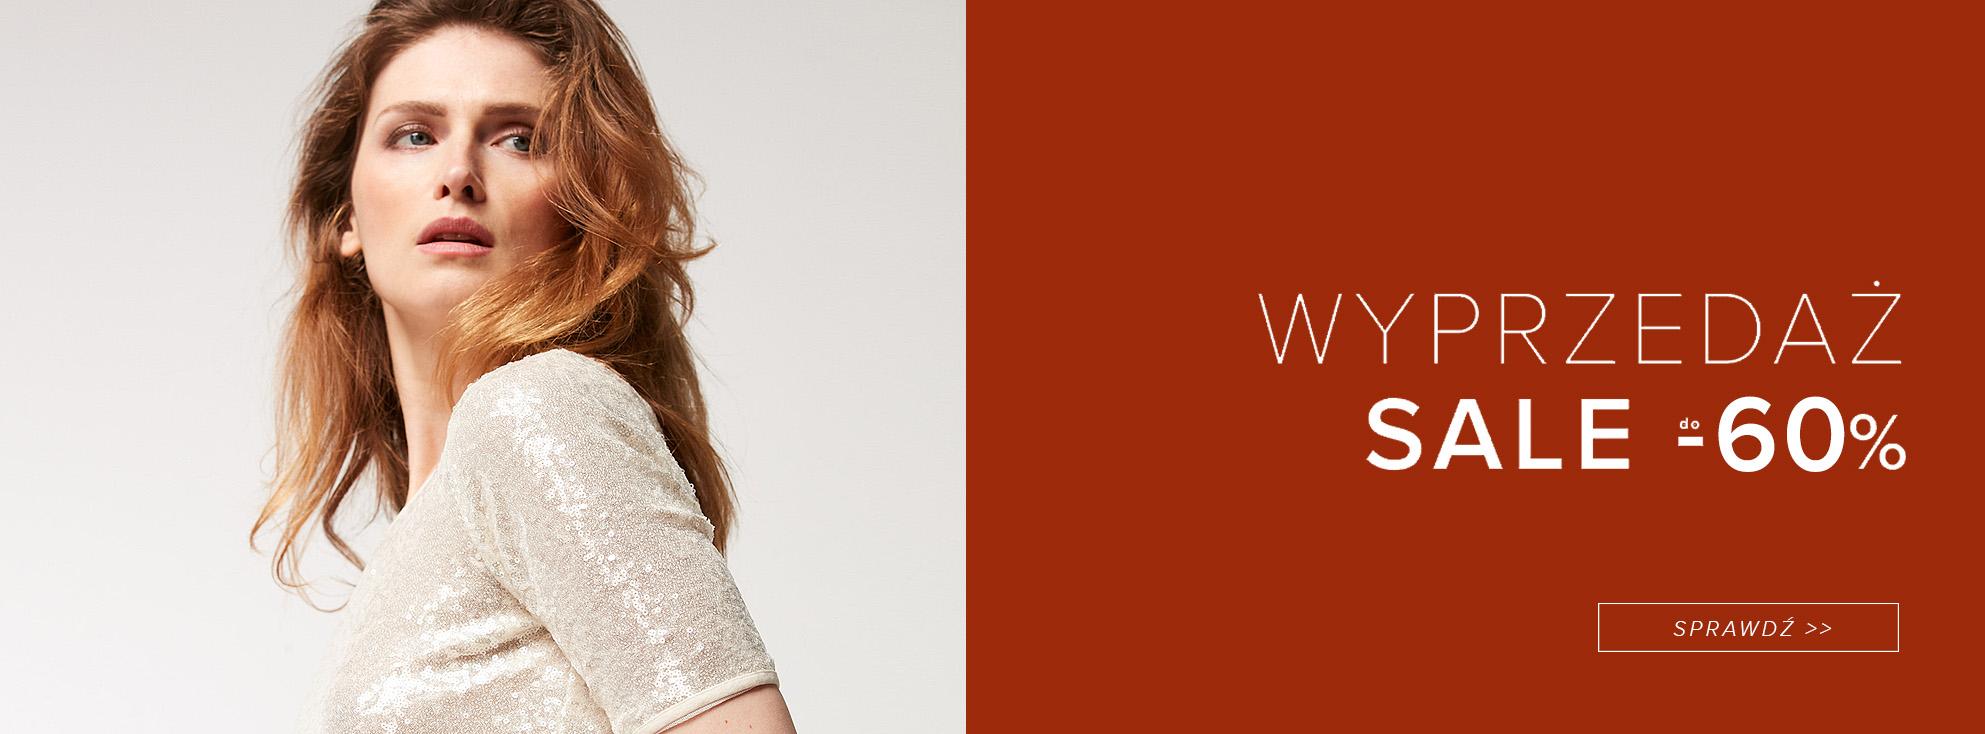 Patrizia Aryton: wyprzedaż do 60% zniżki na ekskluzywną odzież damską